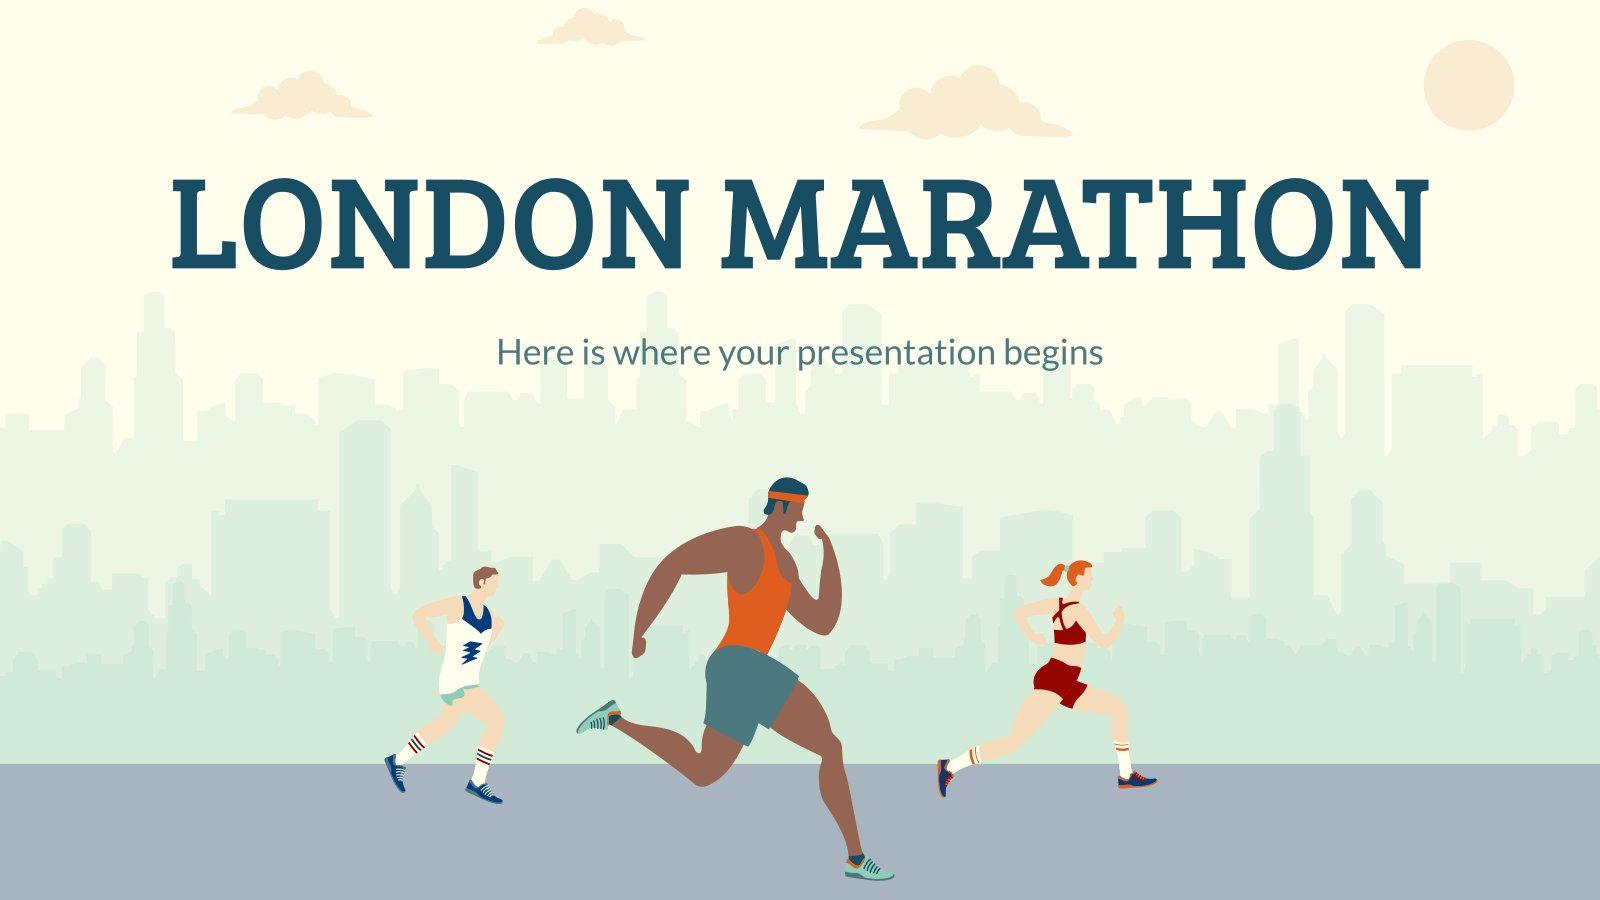 Modelo de apresentação Maratona de Londres